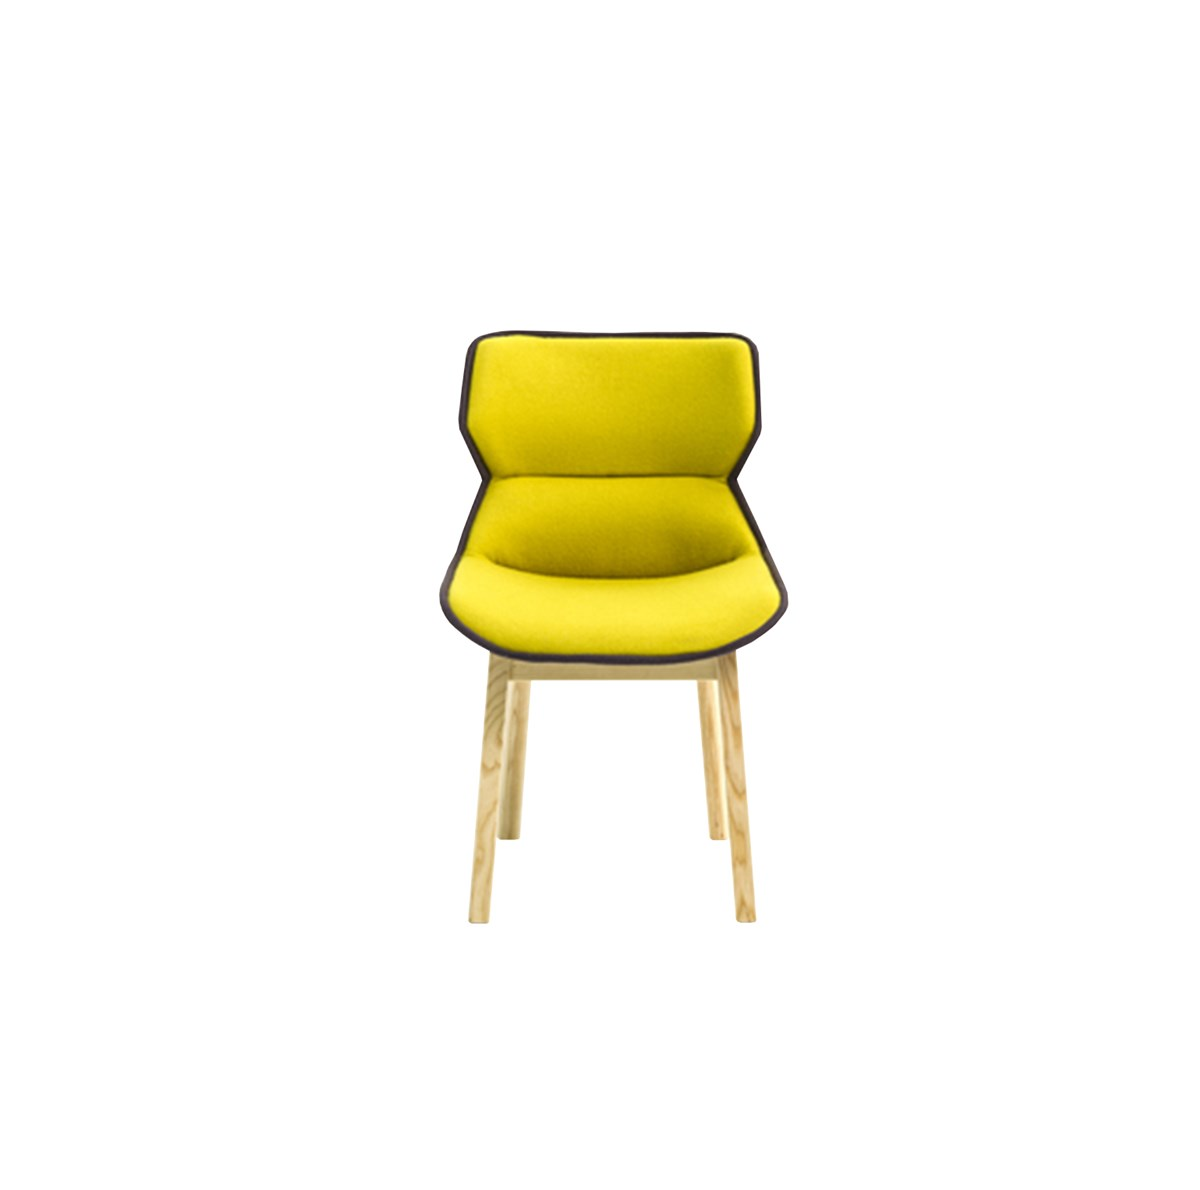 Moroso-Patricia-Urquiola-Clarissa-Chair-Matisse-1